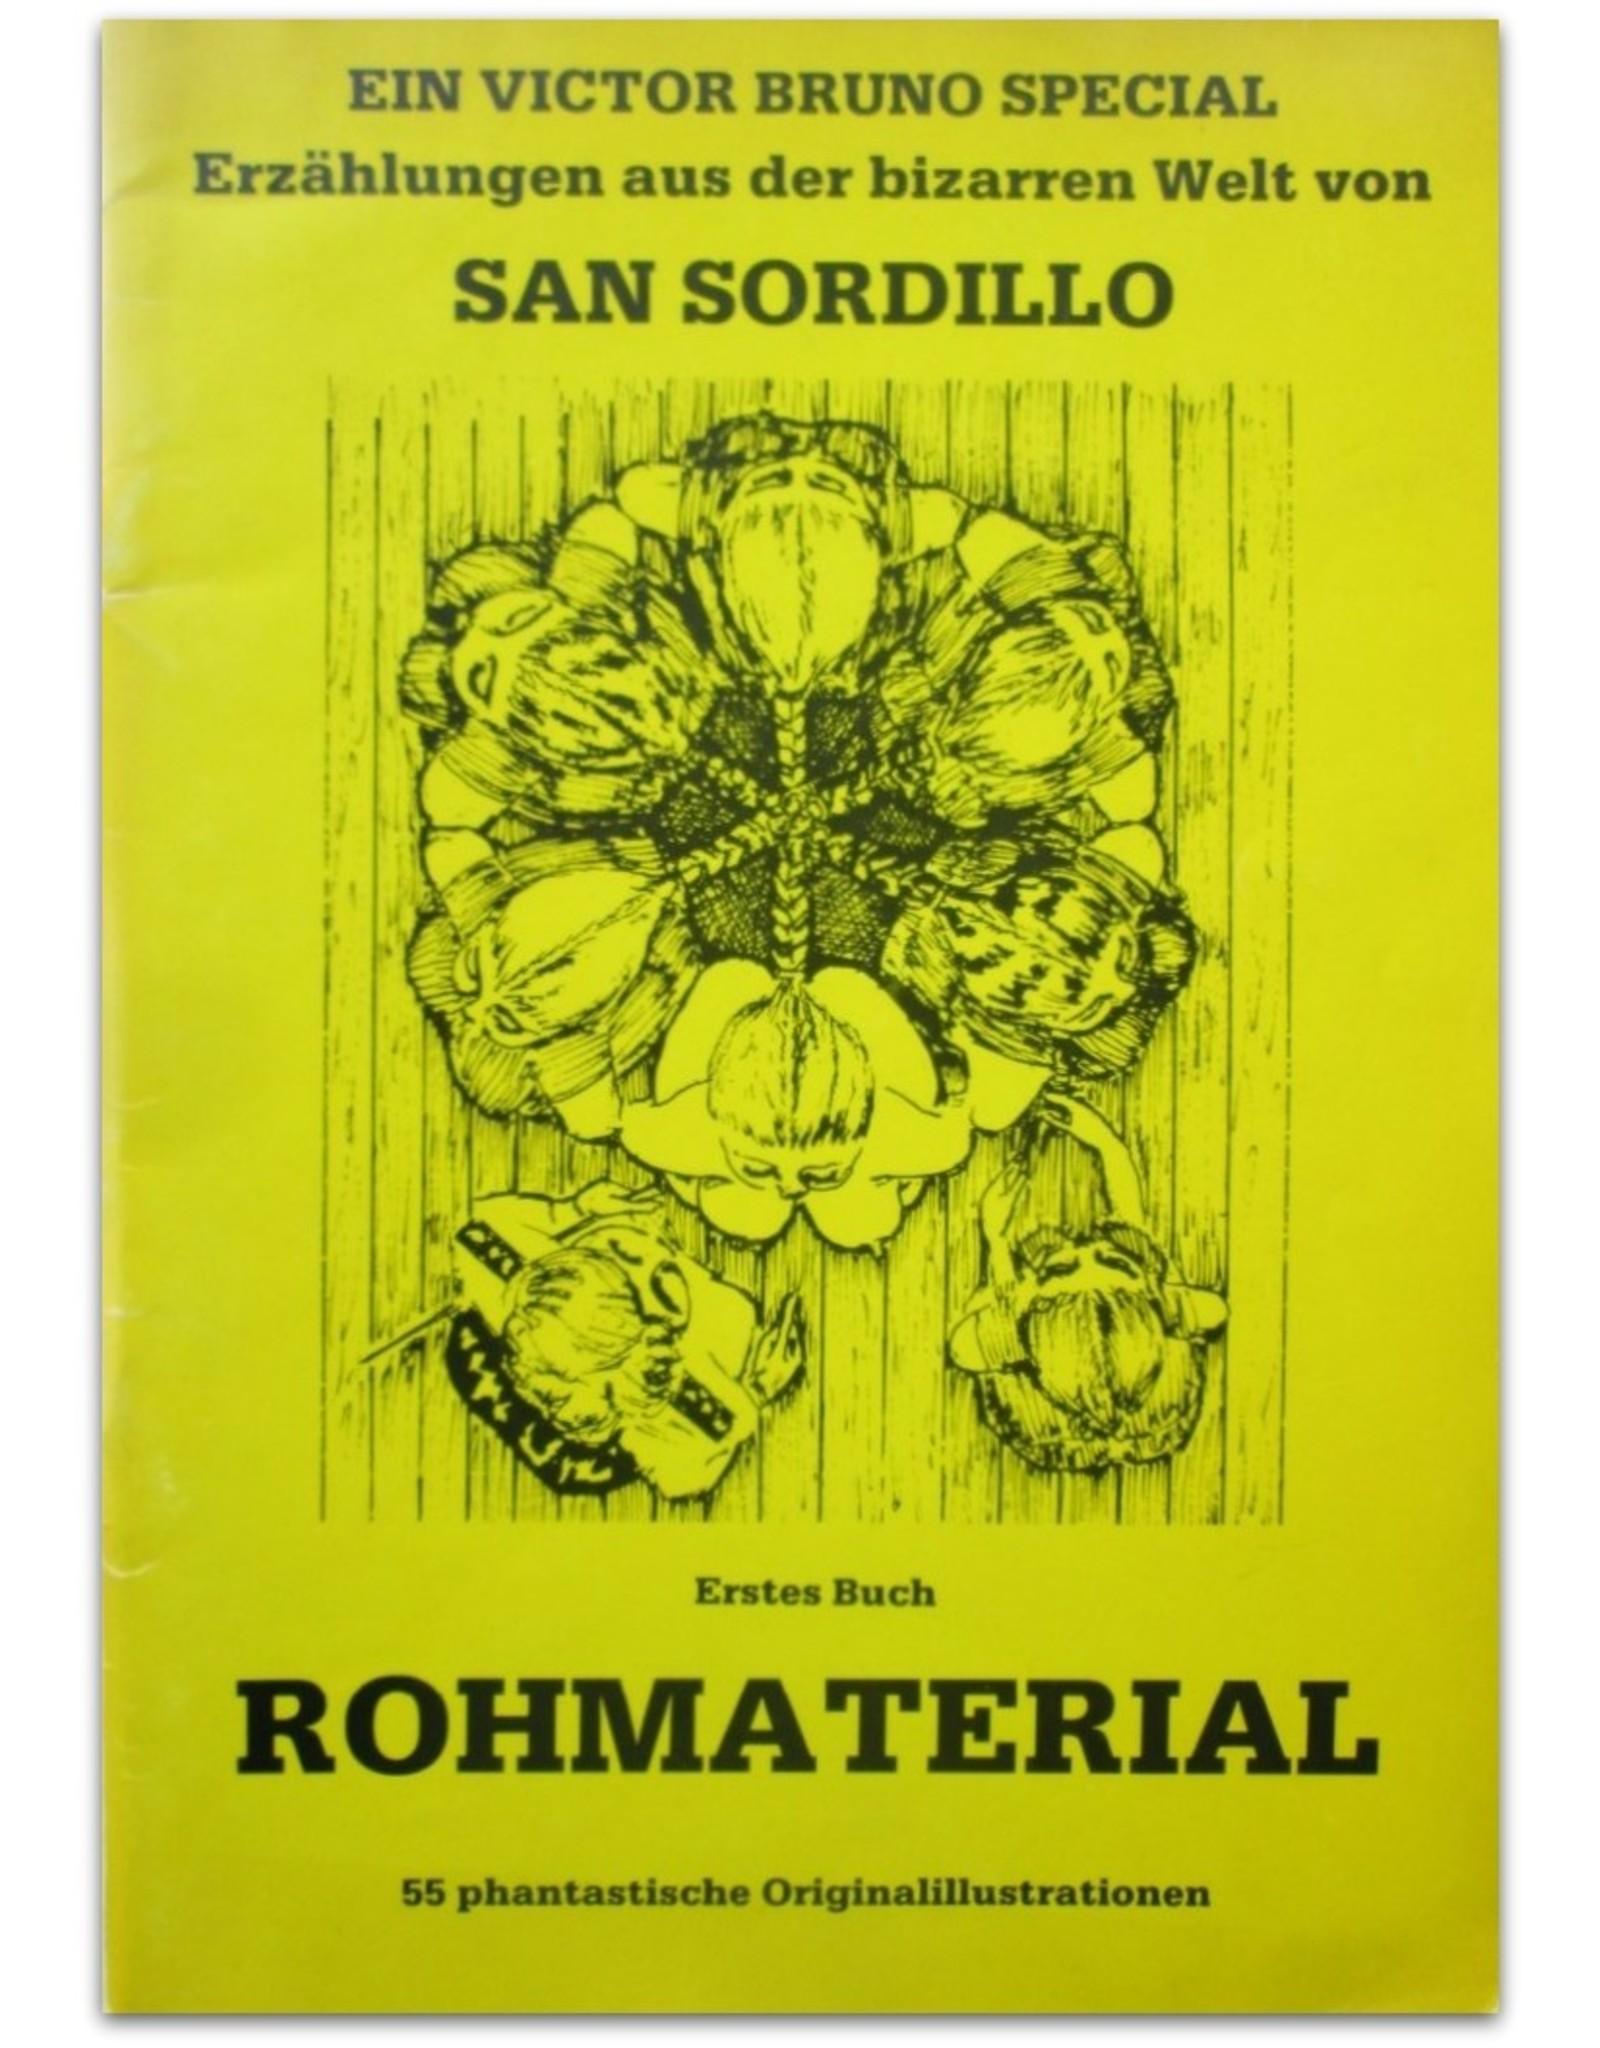 Victor Bruno - Erzählungen aus der bizarren Welt von San Sordillo - Erstes Buch: Rohmaterial